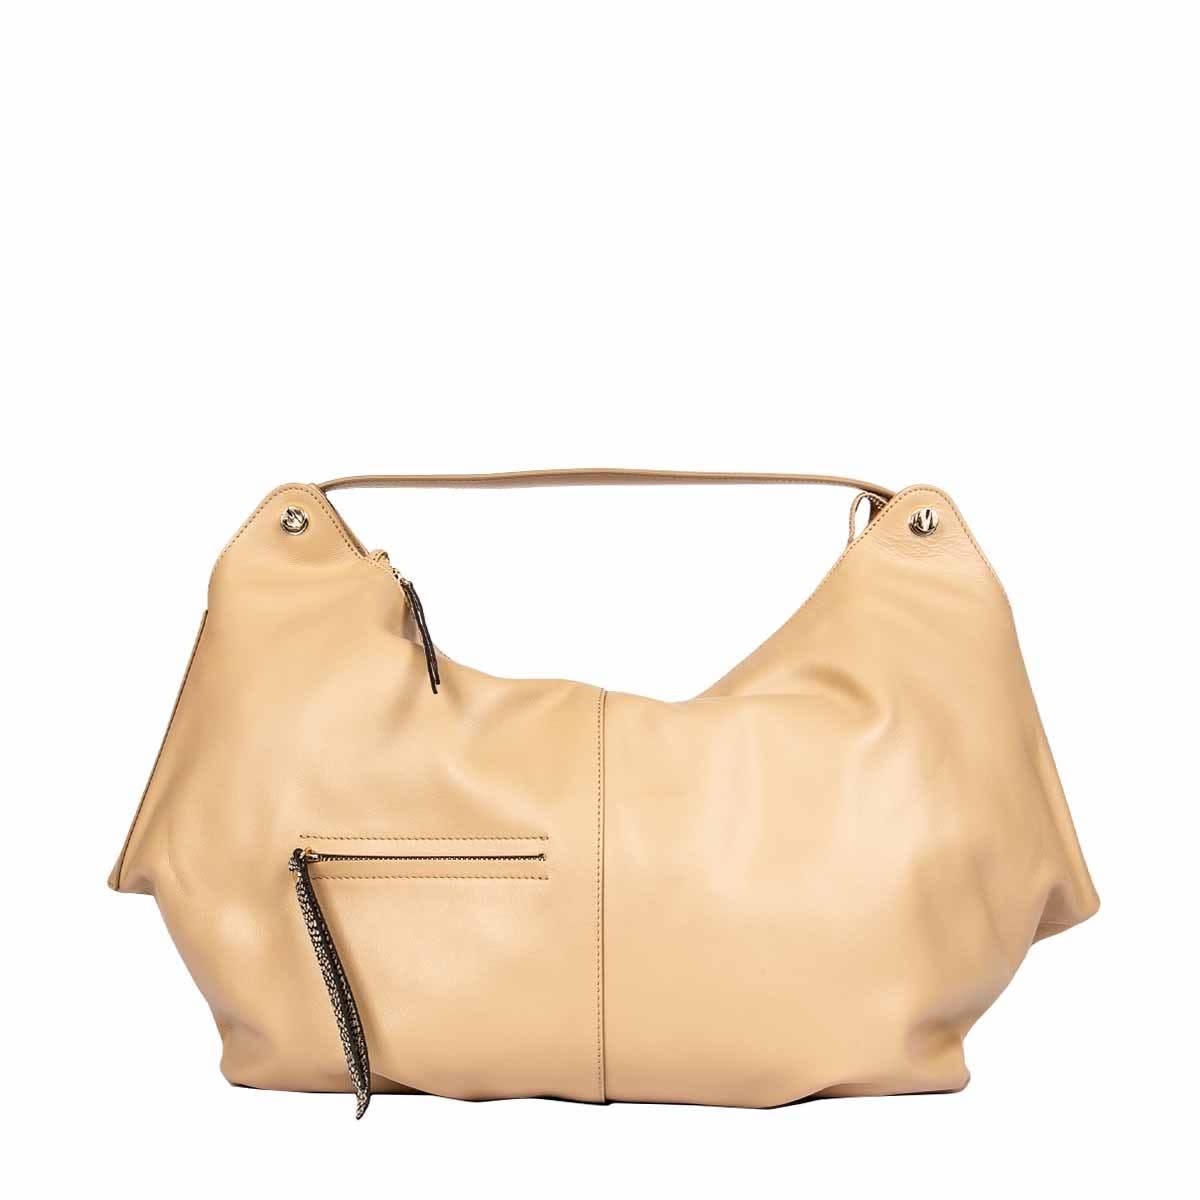 Borbonese Large Hobo Shoudel Bag